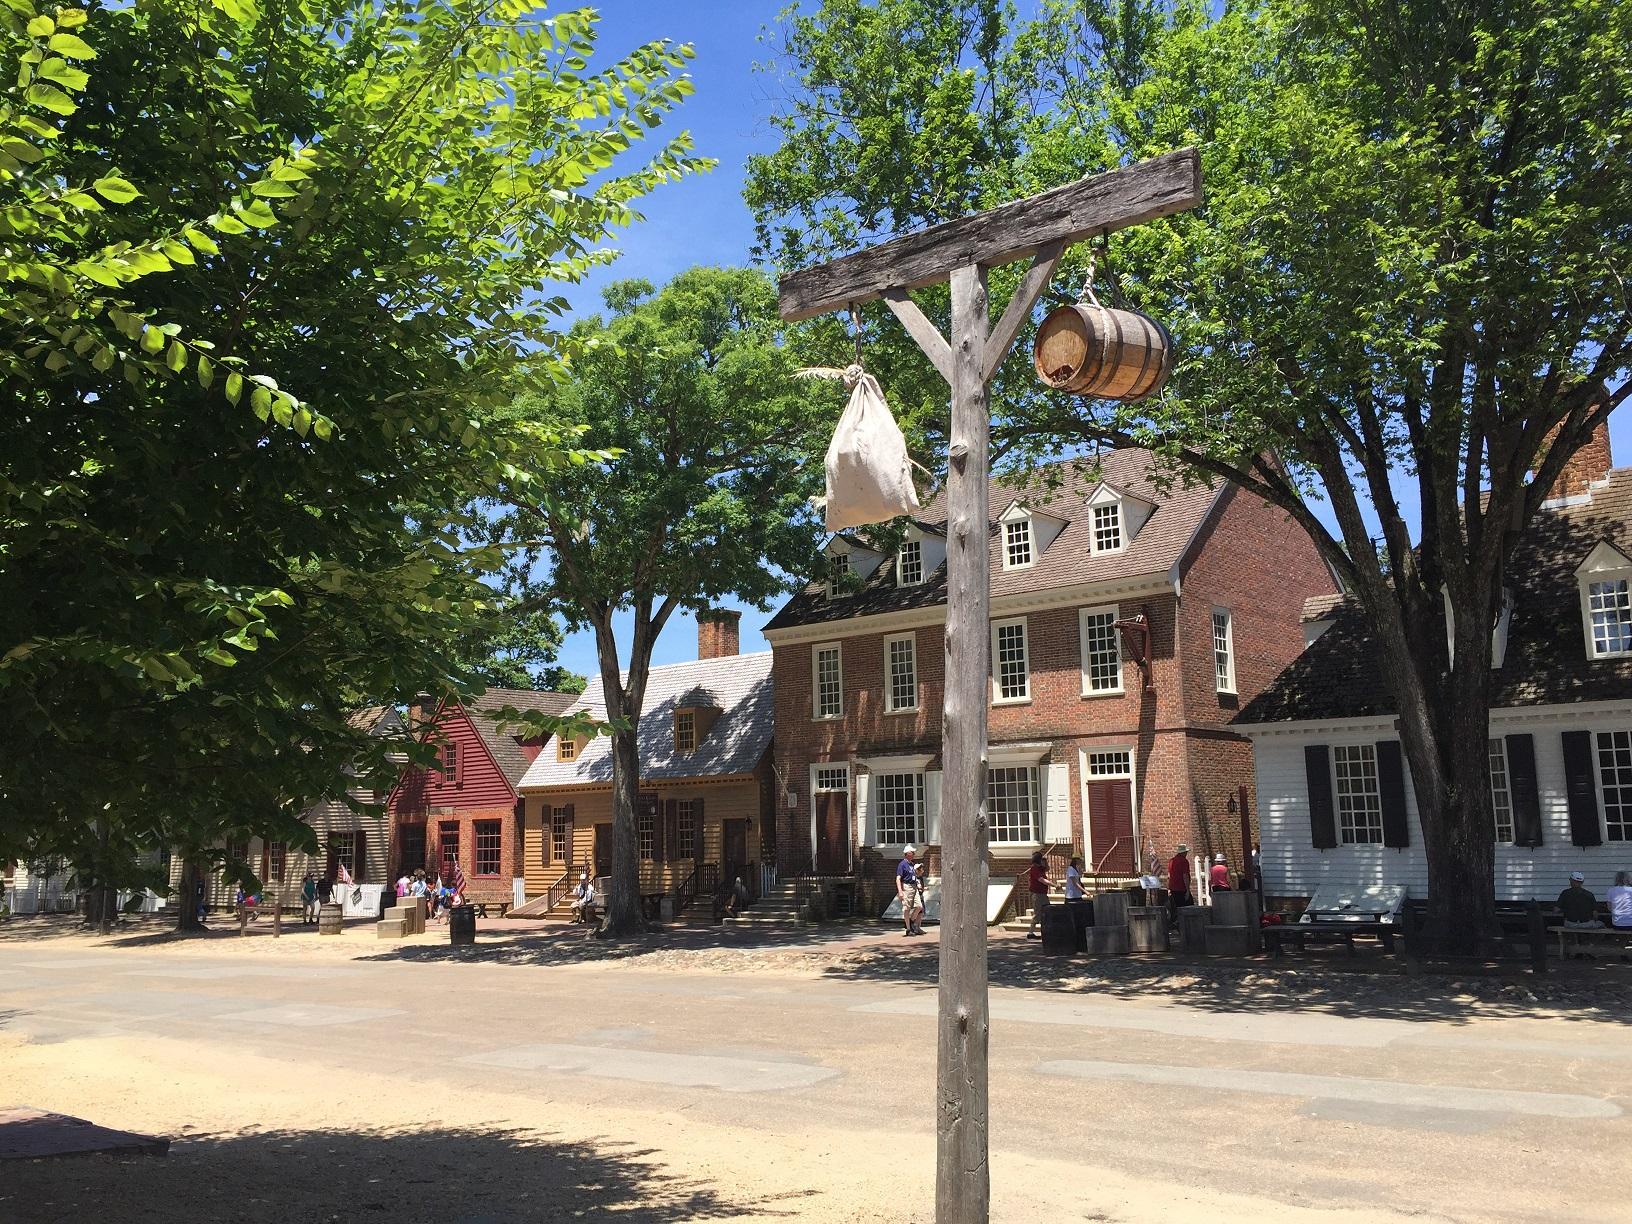 Mein Schiff Ausflugsziel: Colonial Williamsburg